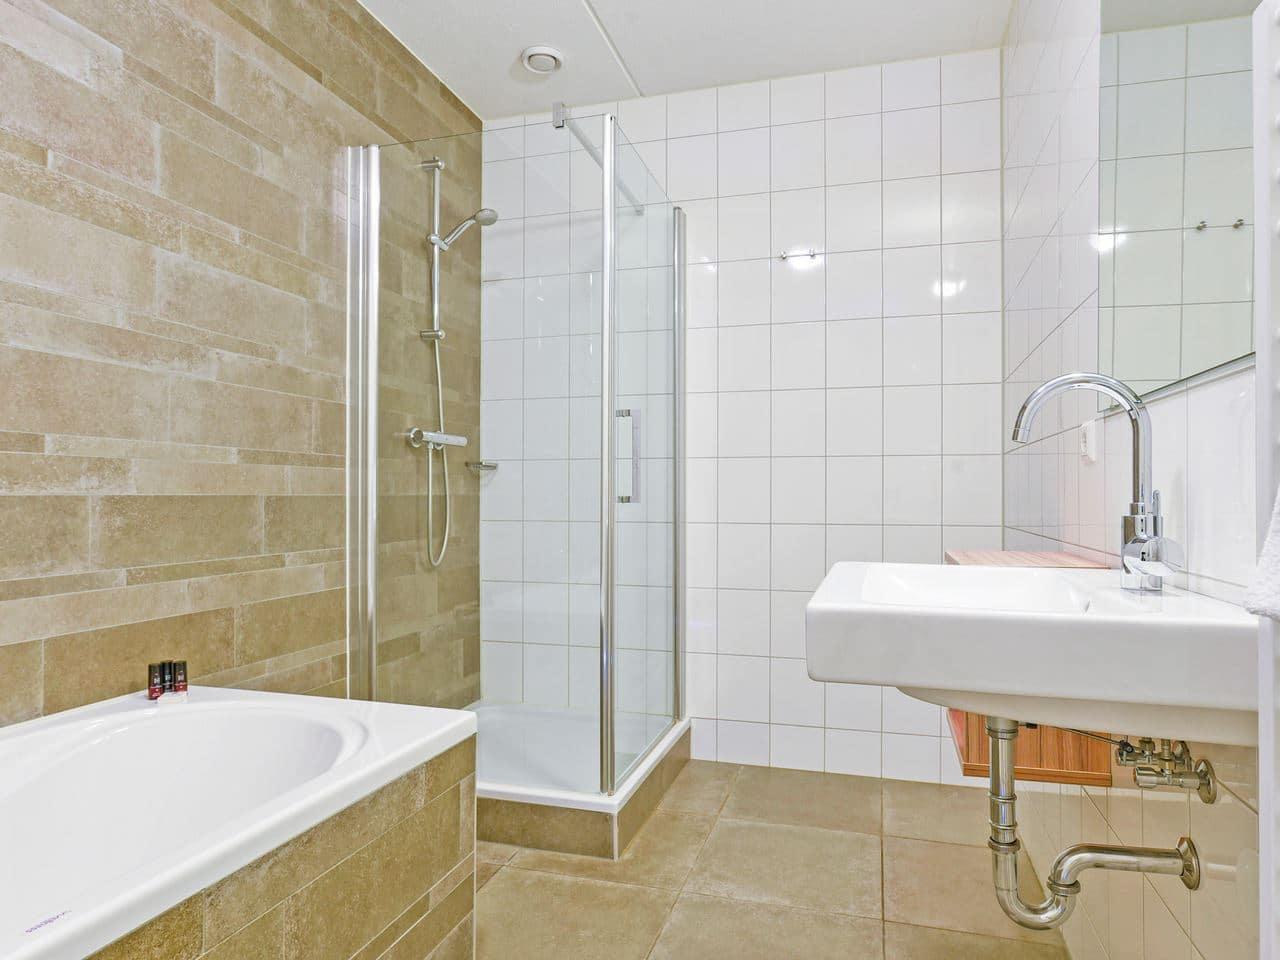 landal nieuwvliet bad 22c 22 personen nieuwvliet zeeland badkamer